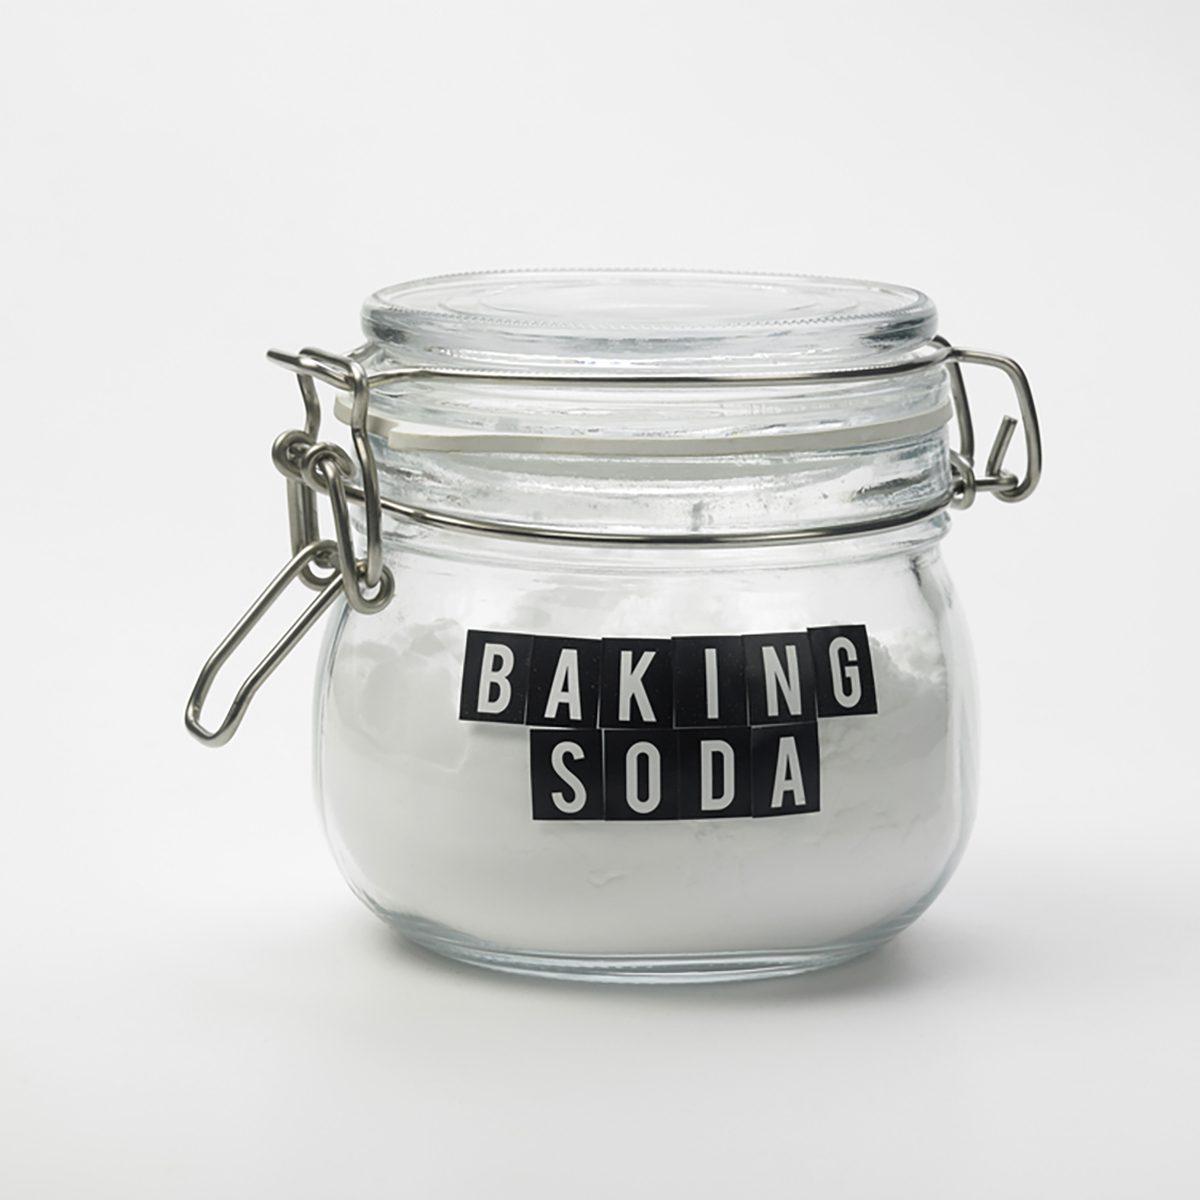 jar of baking soda on the white background